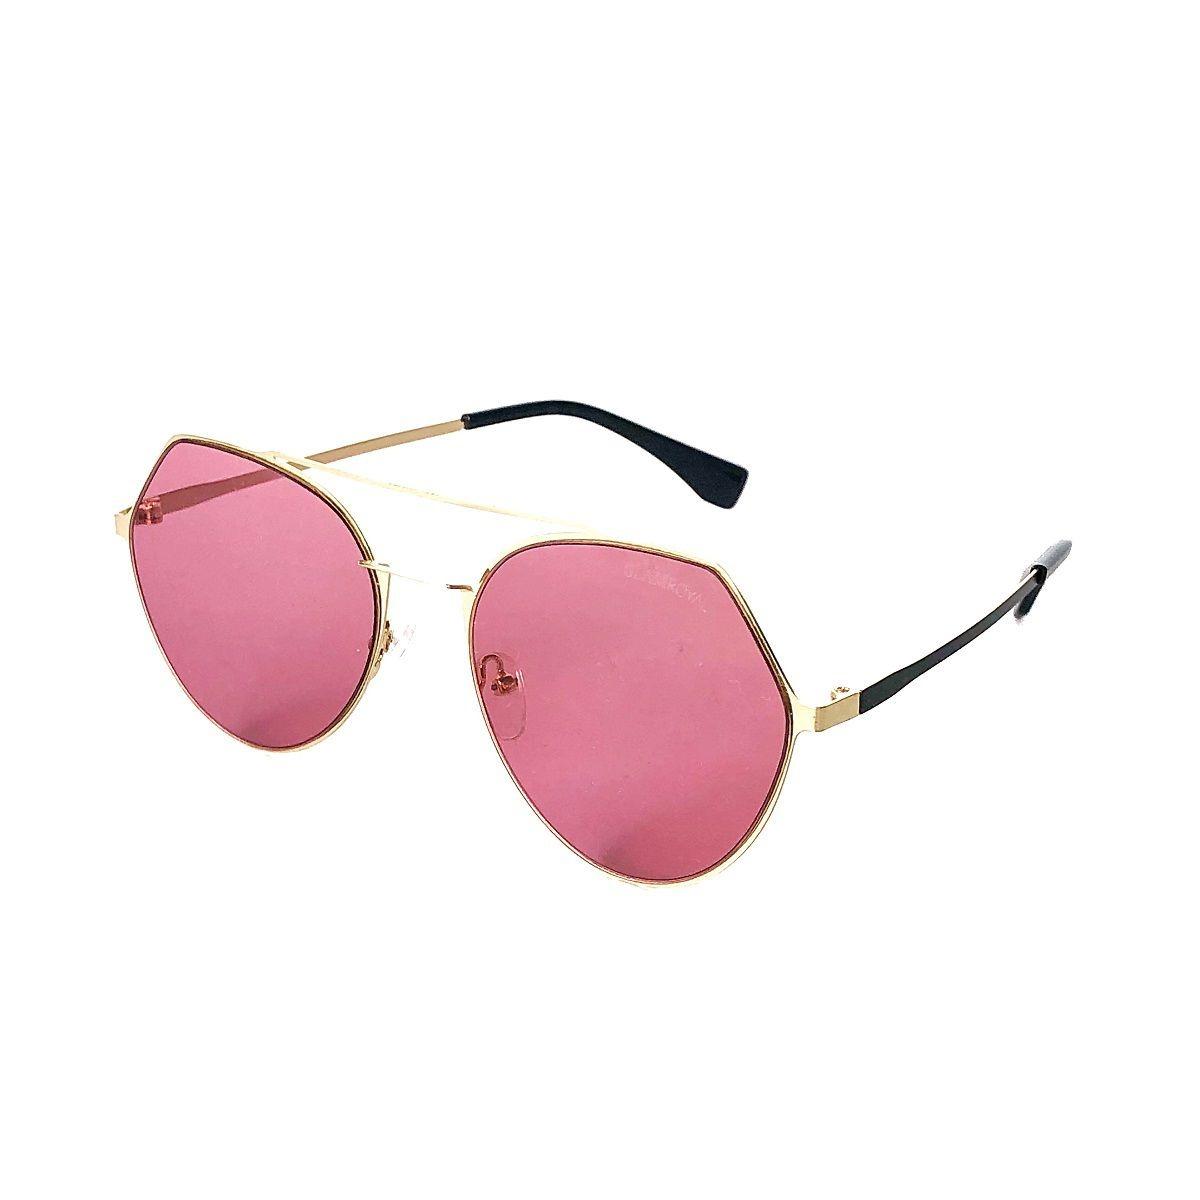 4de110ba2 Óculos De Sol Redondo Colorido Com A Lente Rosa Transparente - R ...